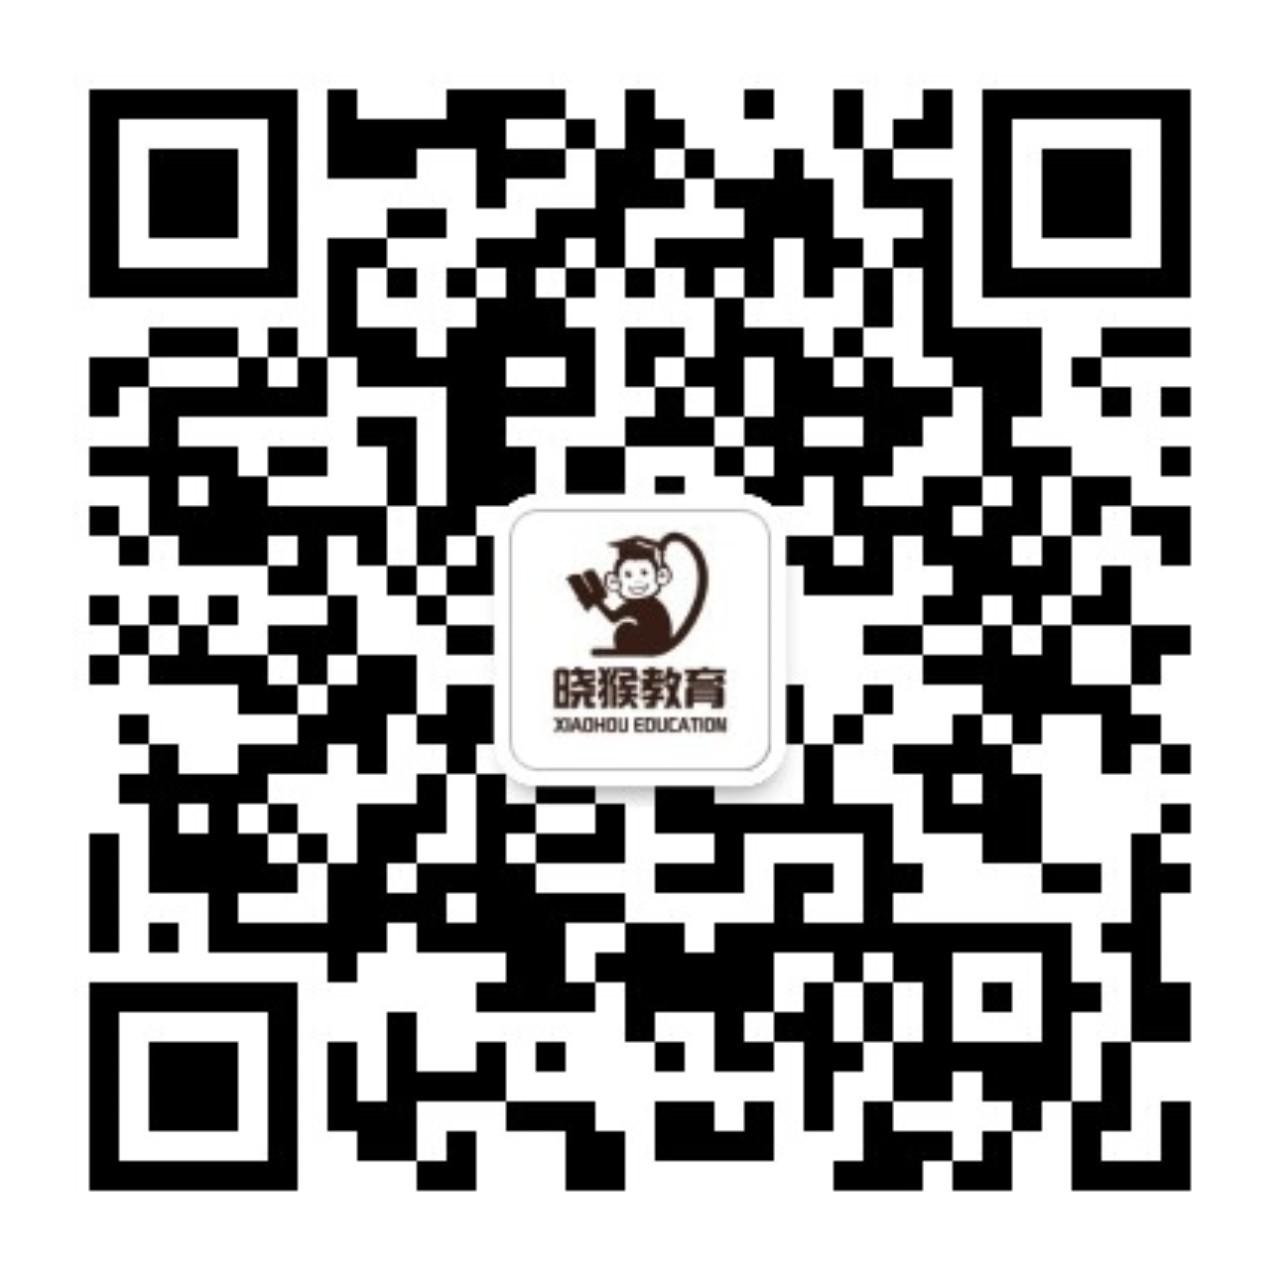 微信图片_20200817163805.jpg